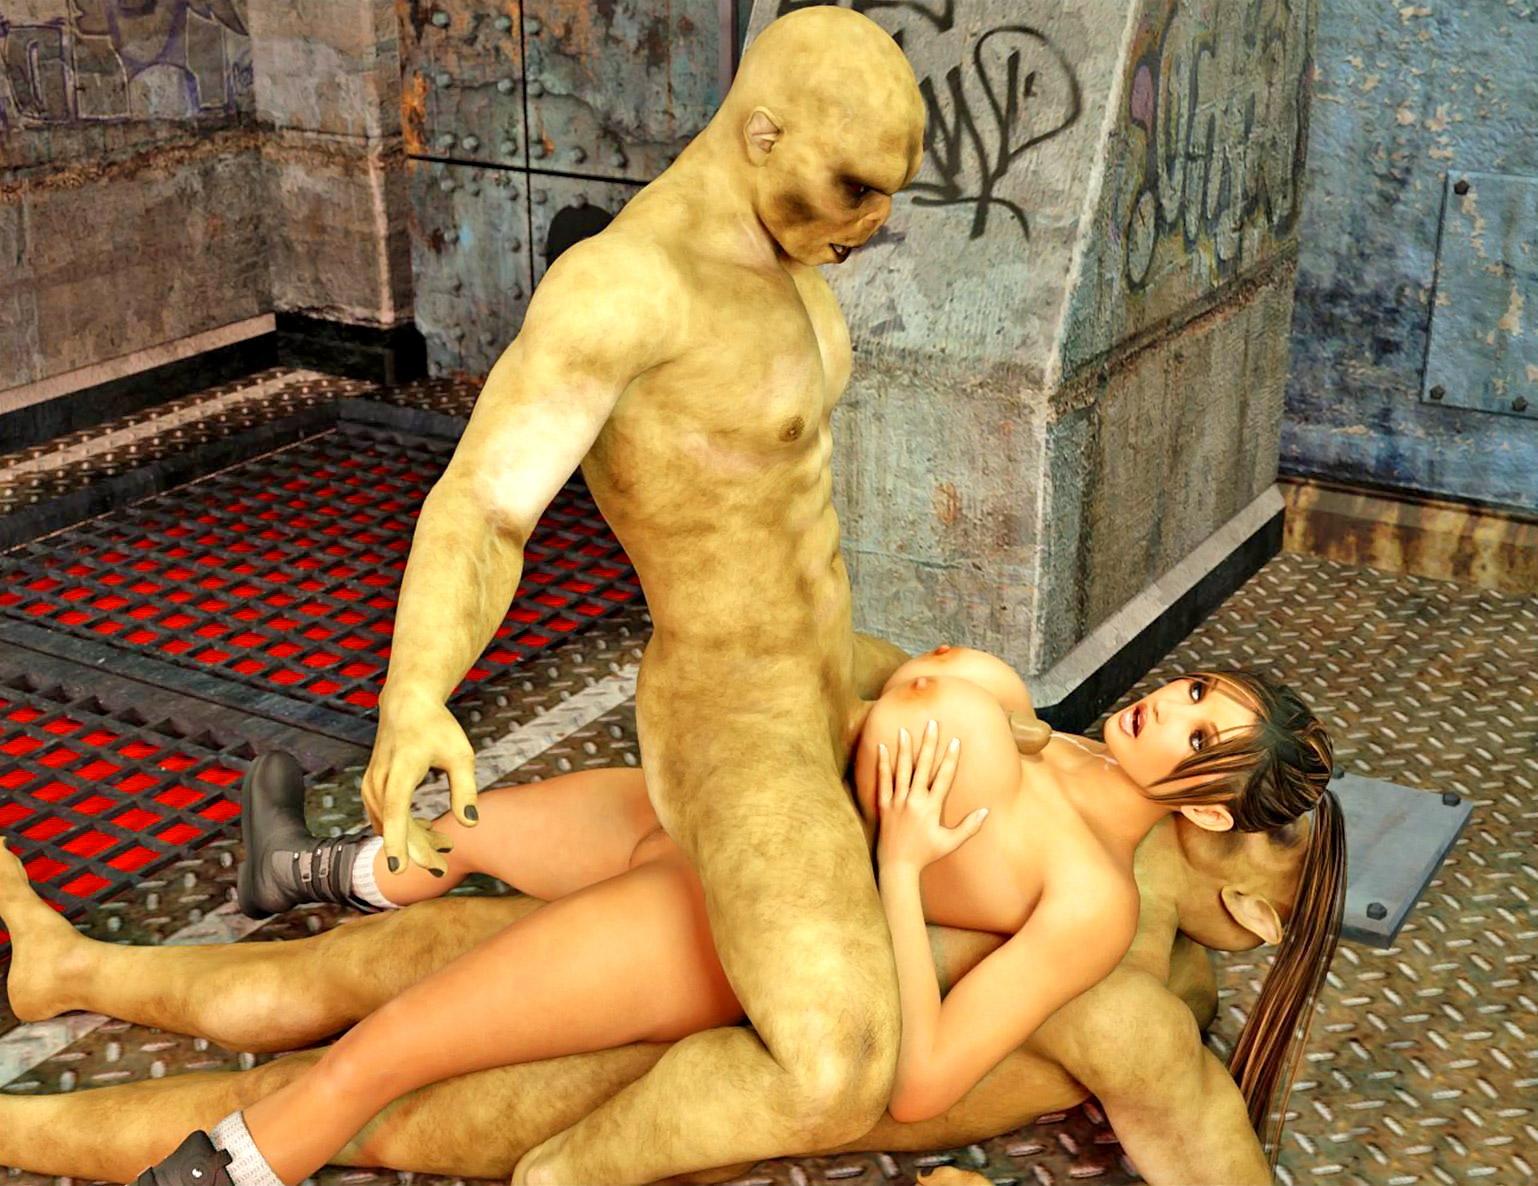 Порно фото с дьяволом из мултфильма 5 фотография